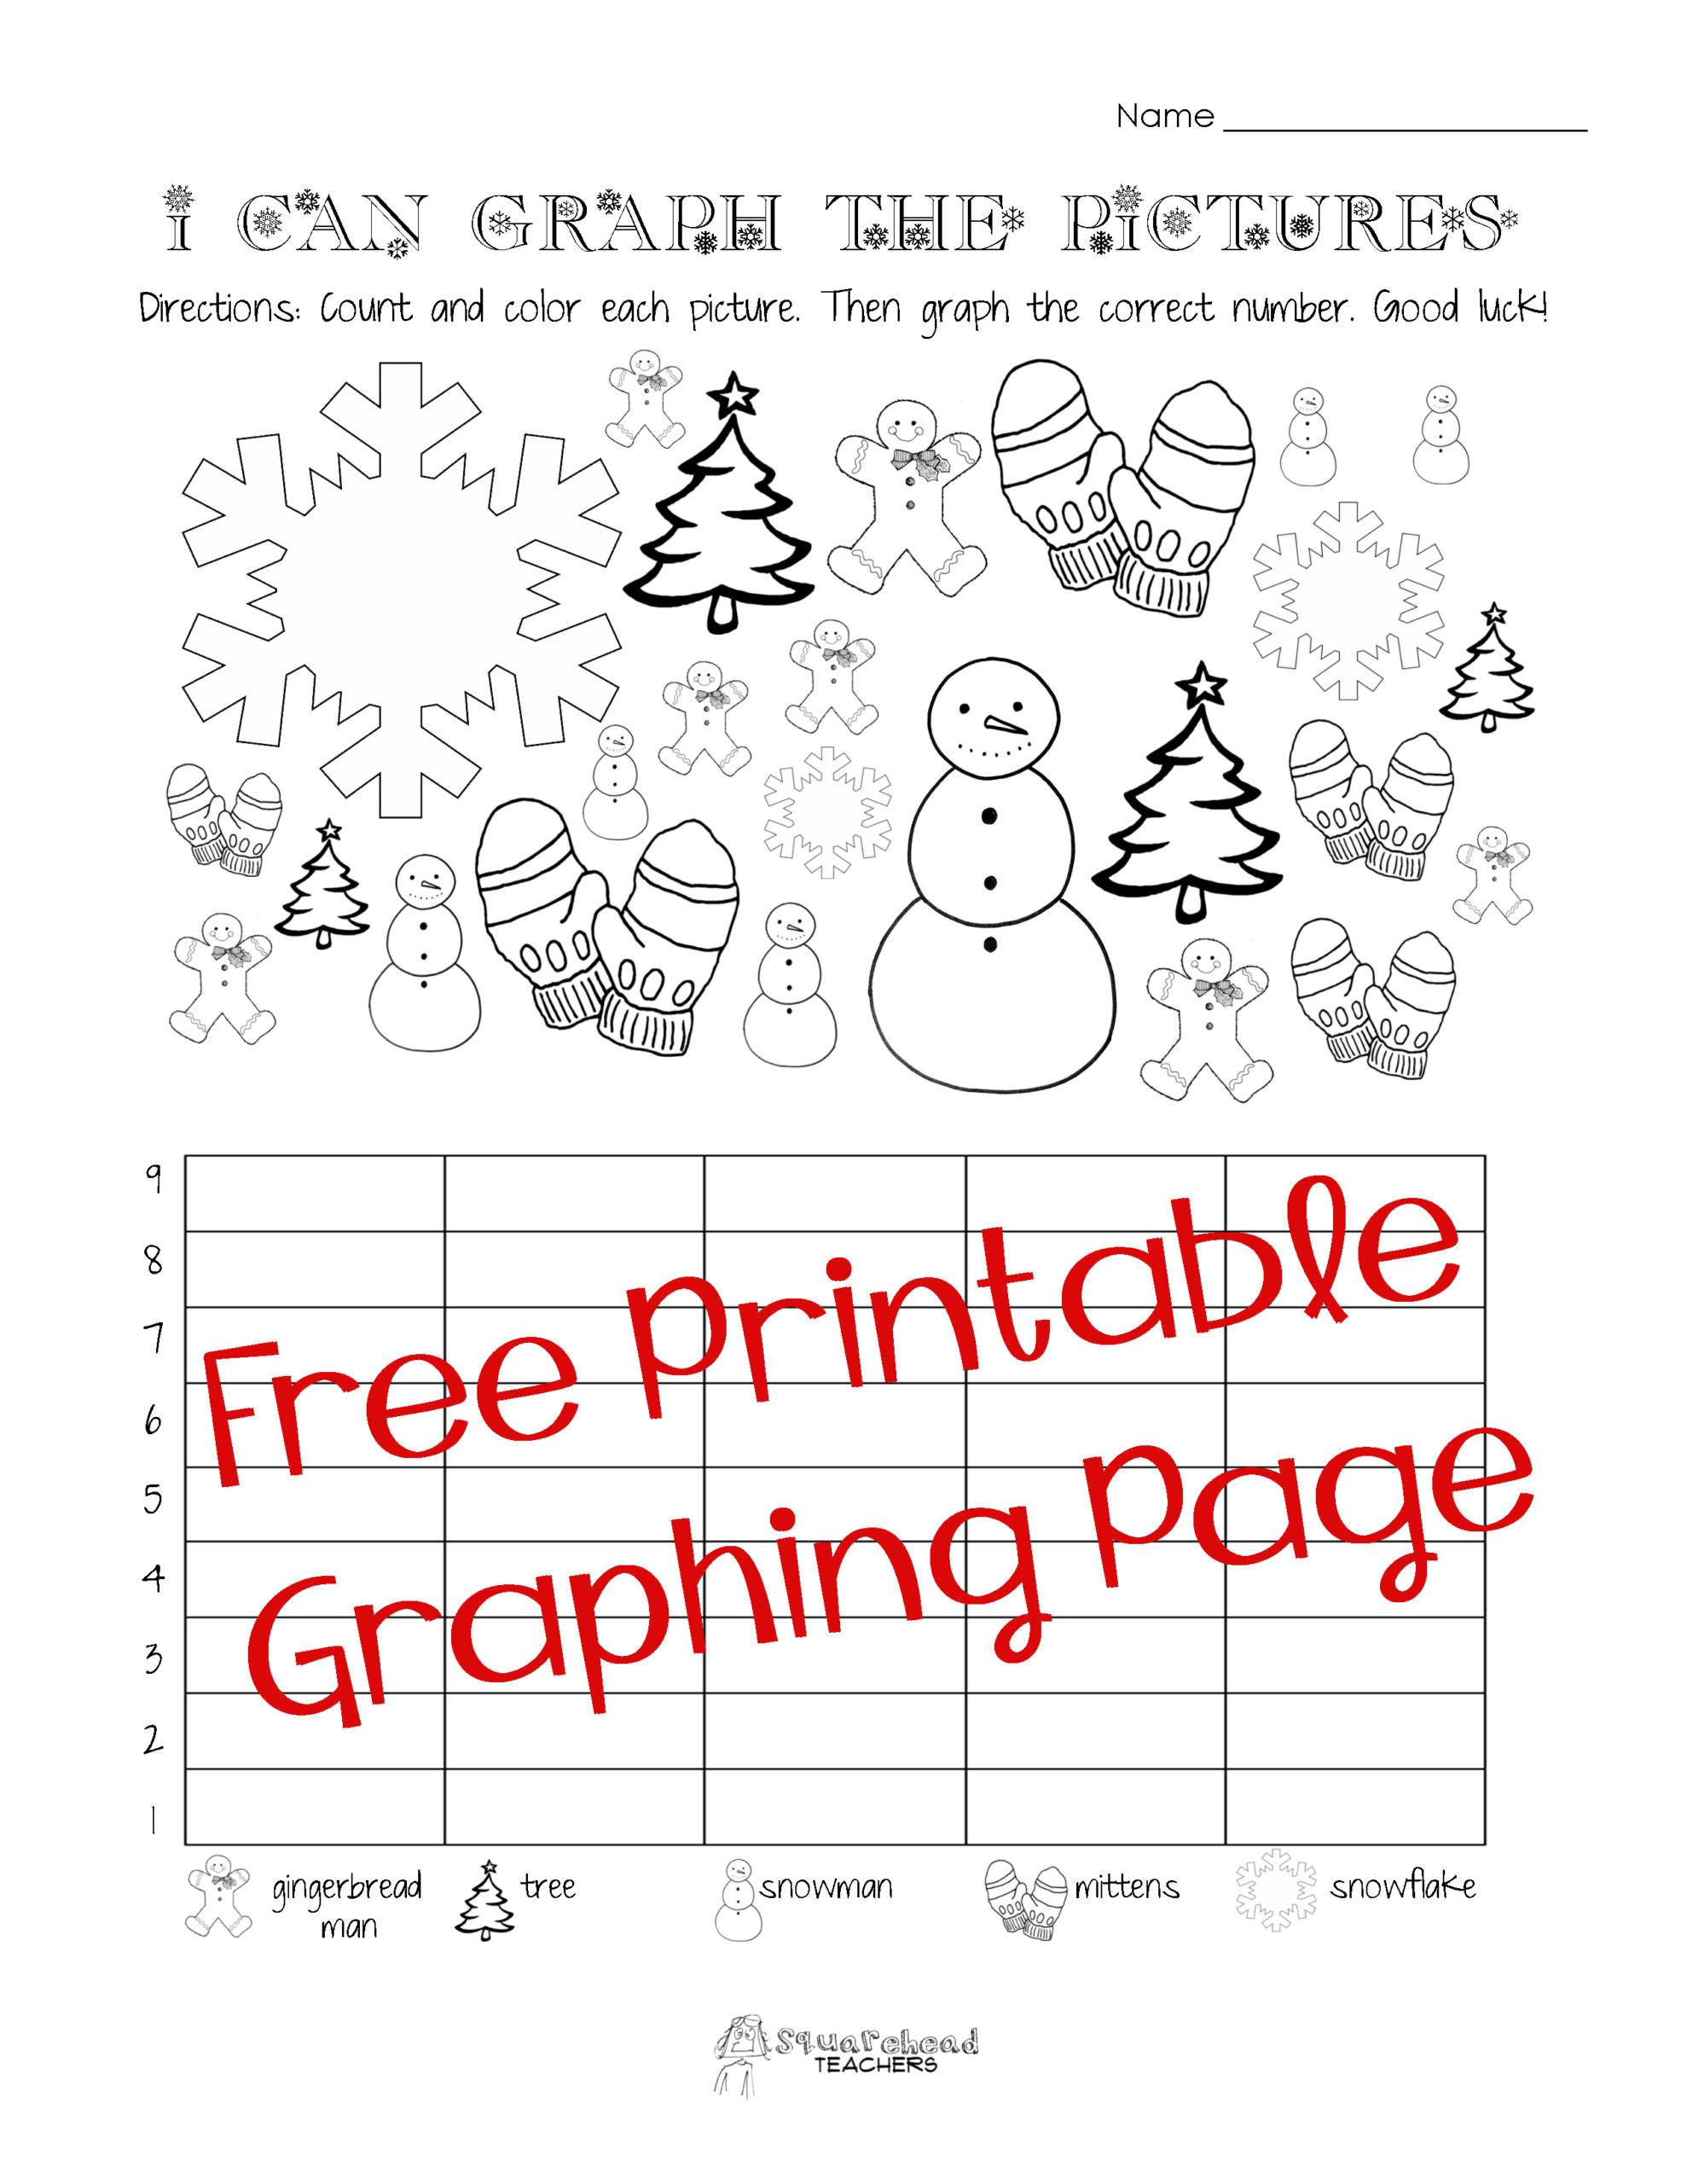 Free Printable Keyboarding Worksheets Worksheet Create Your Own Cursive Handwriting Worksheets